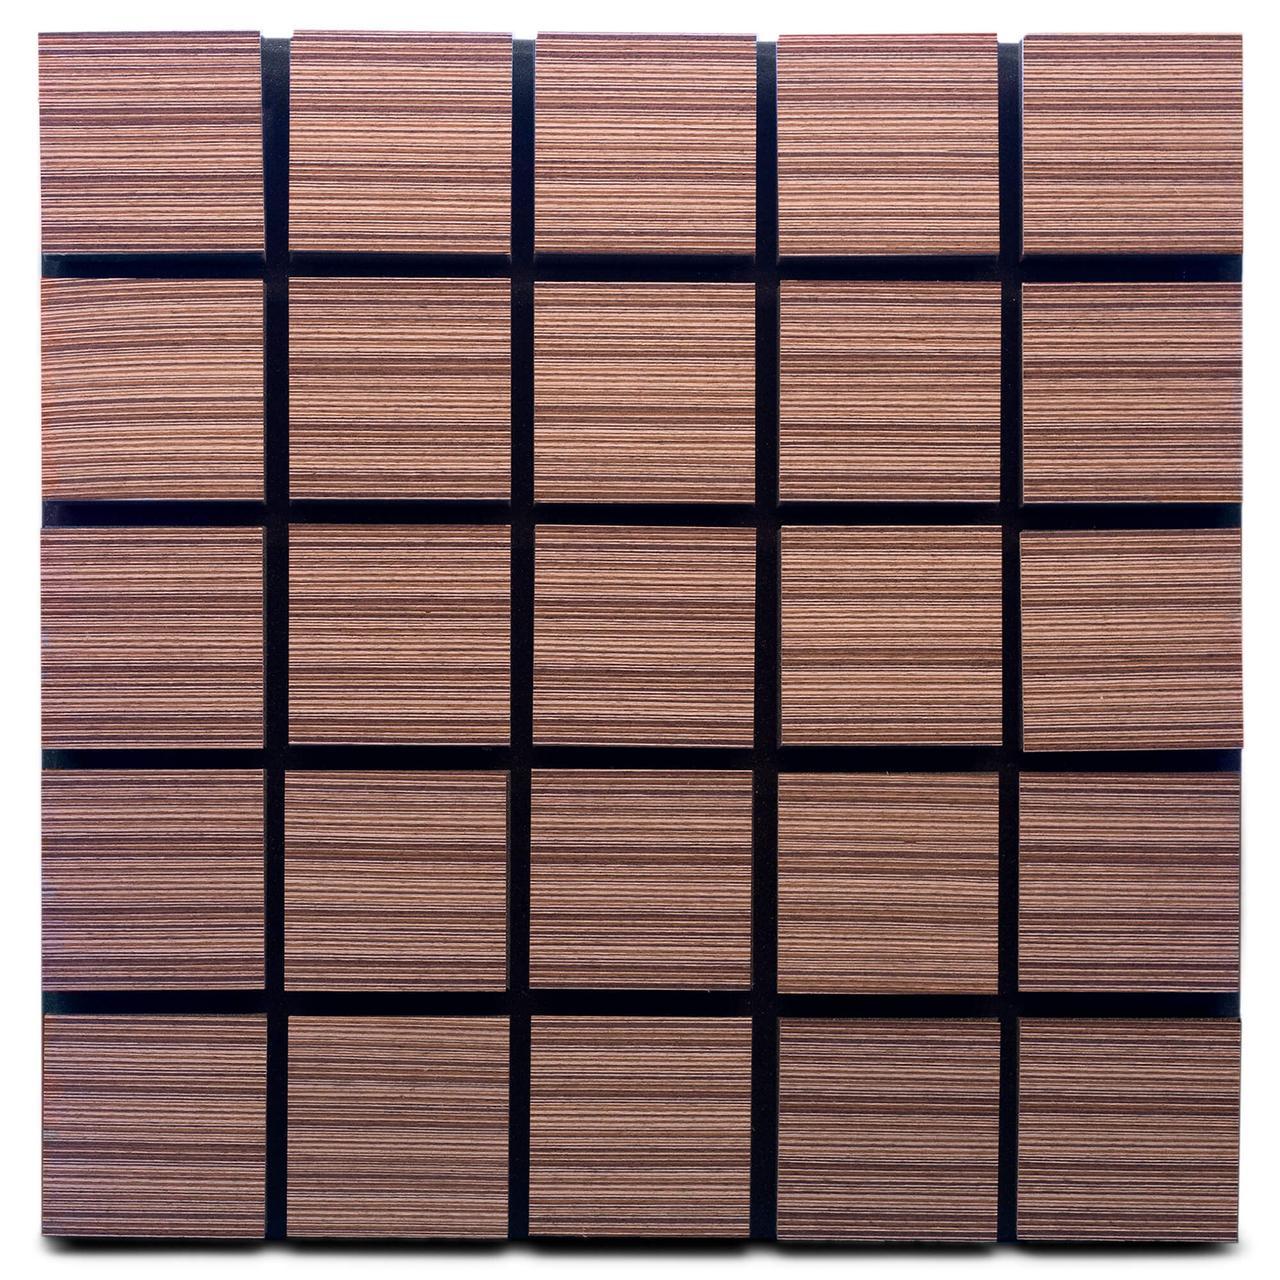 Акустическая панель Ecosound Tetras Wood Venge Contrast 50x50см 53мм цвет коричневый в полоску